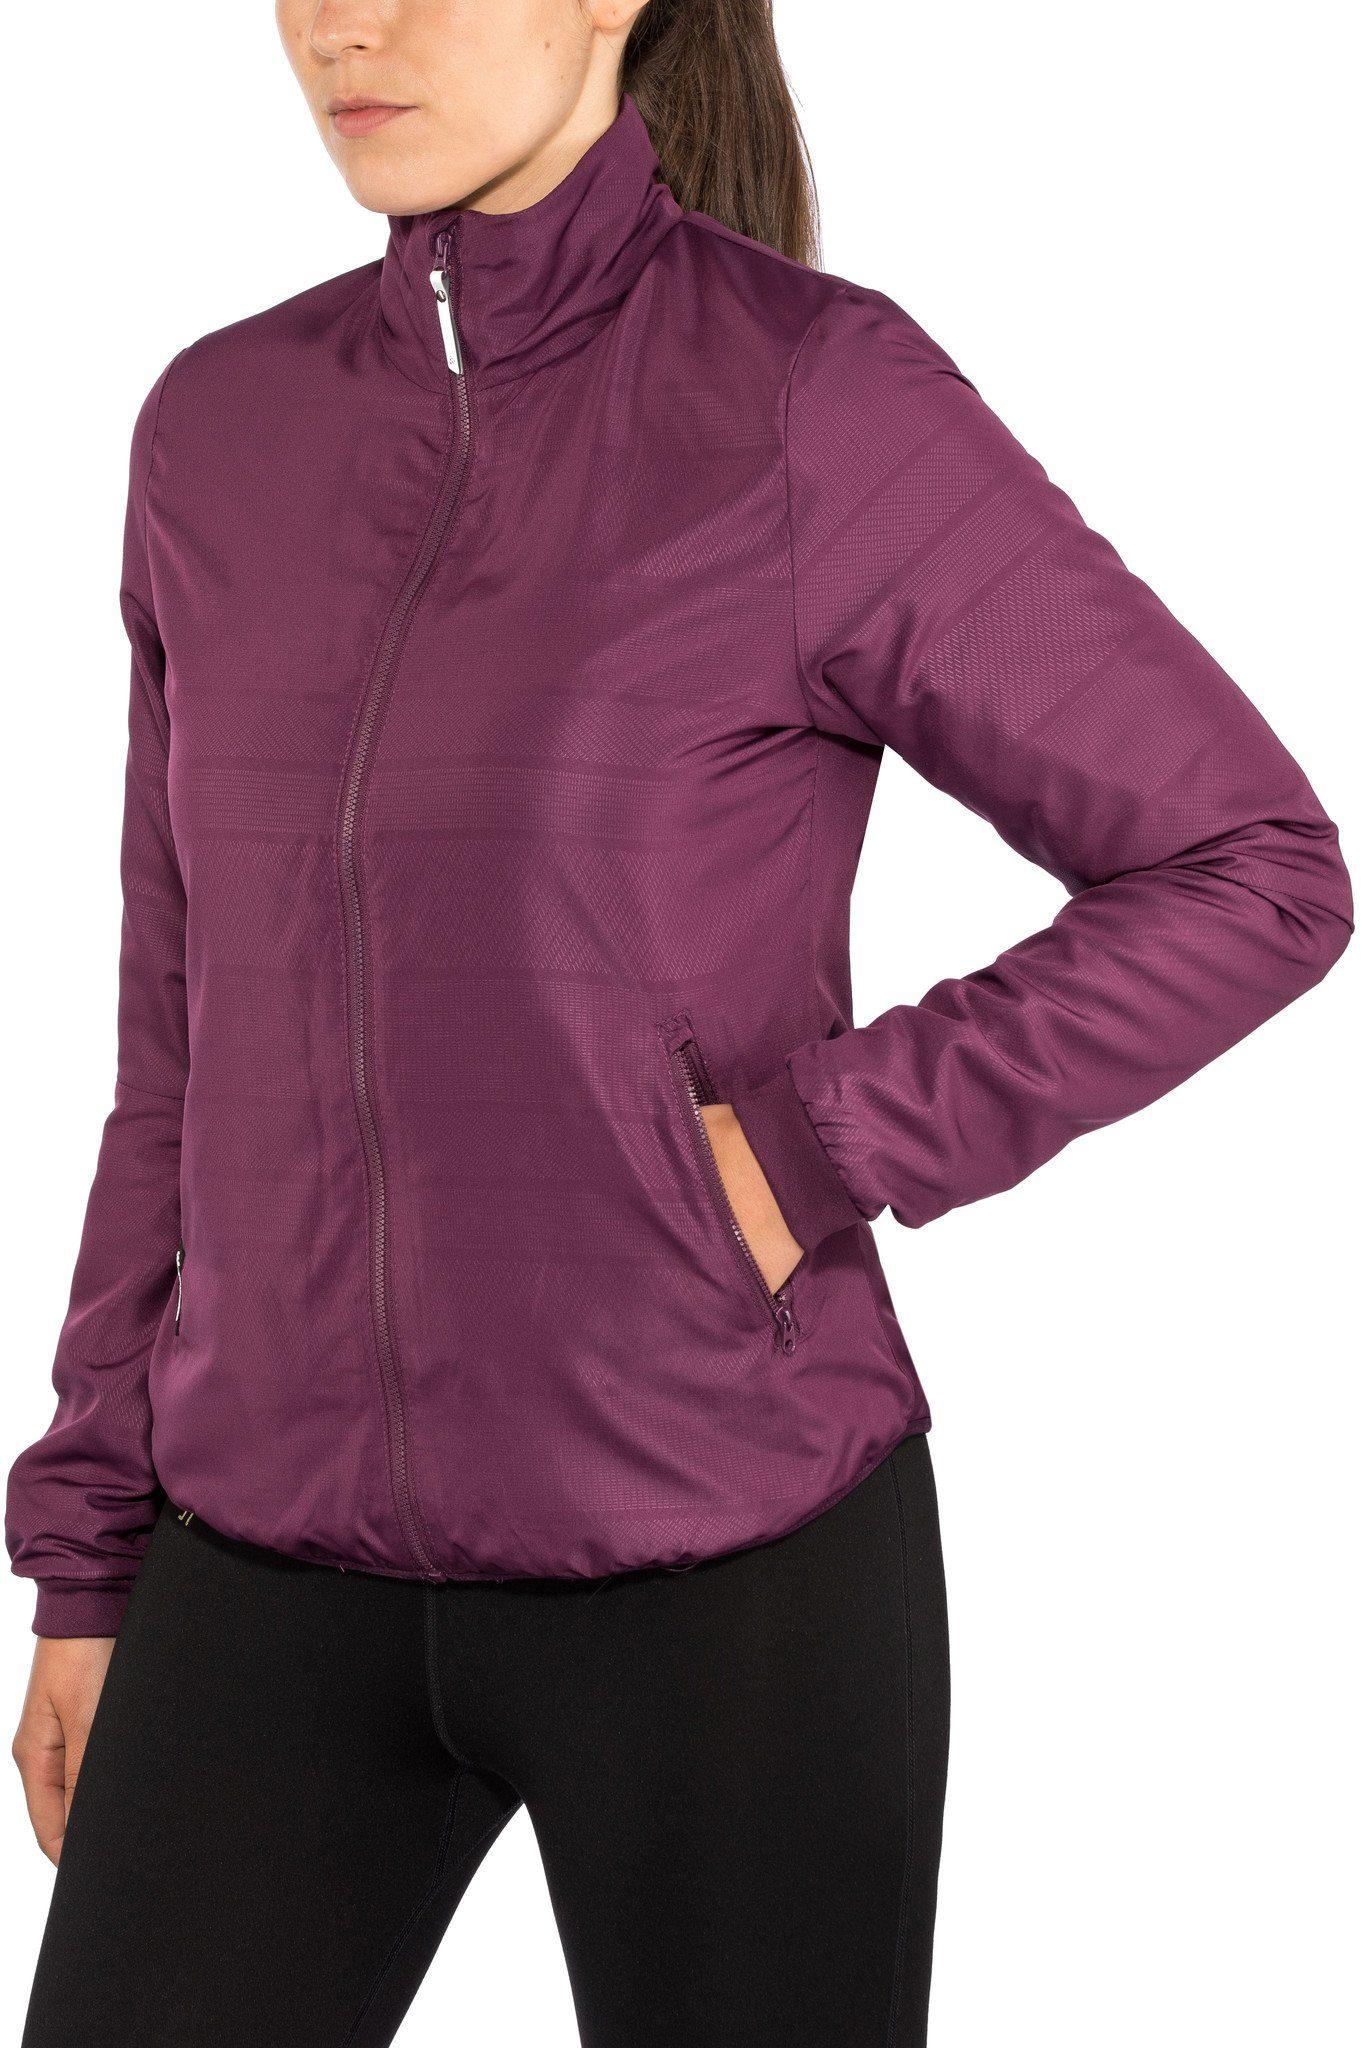 Damen Craft Trainingsjacke »Eaze Winter Jacket Damen«  | 07318572981935